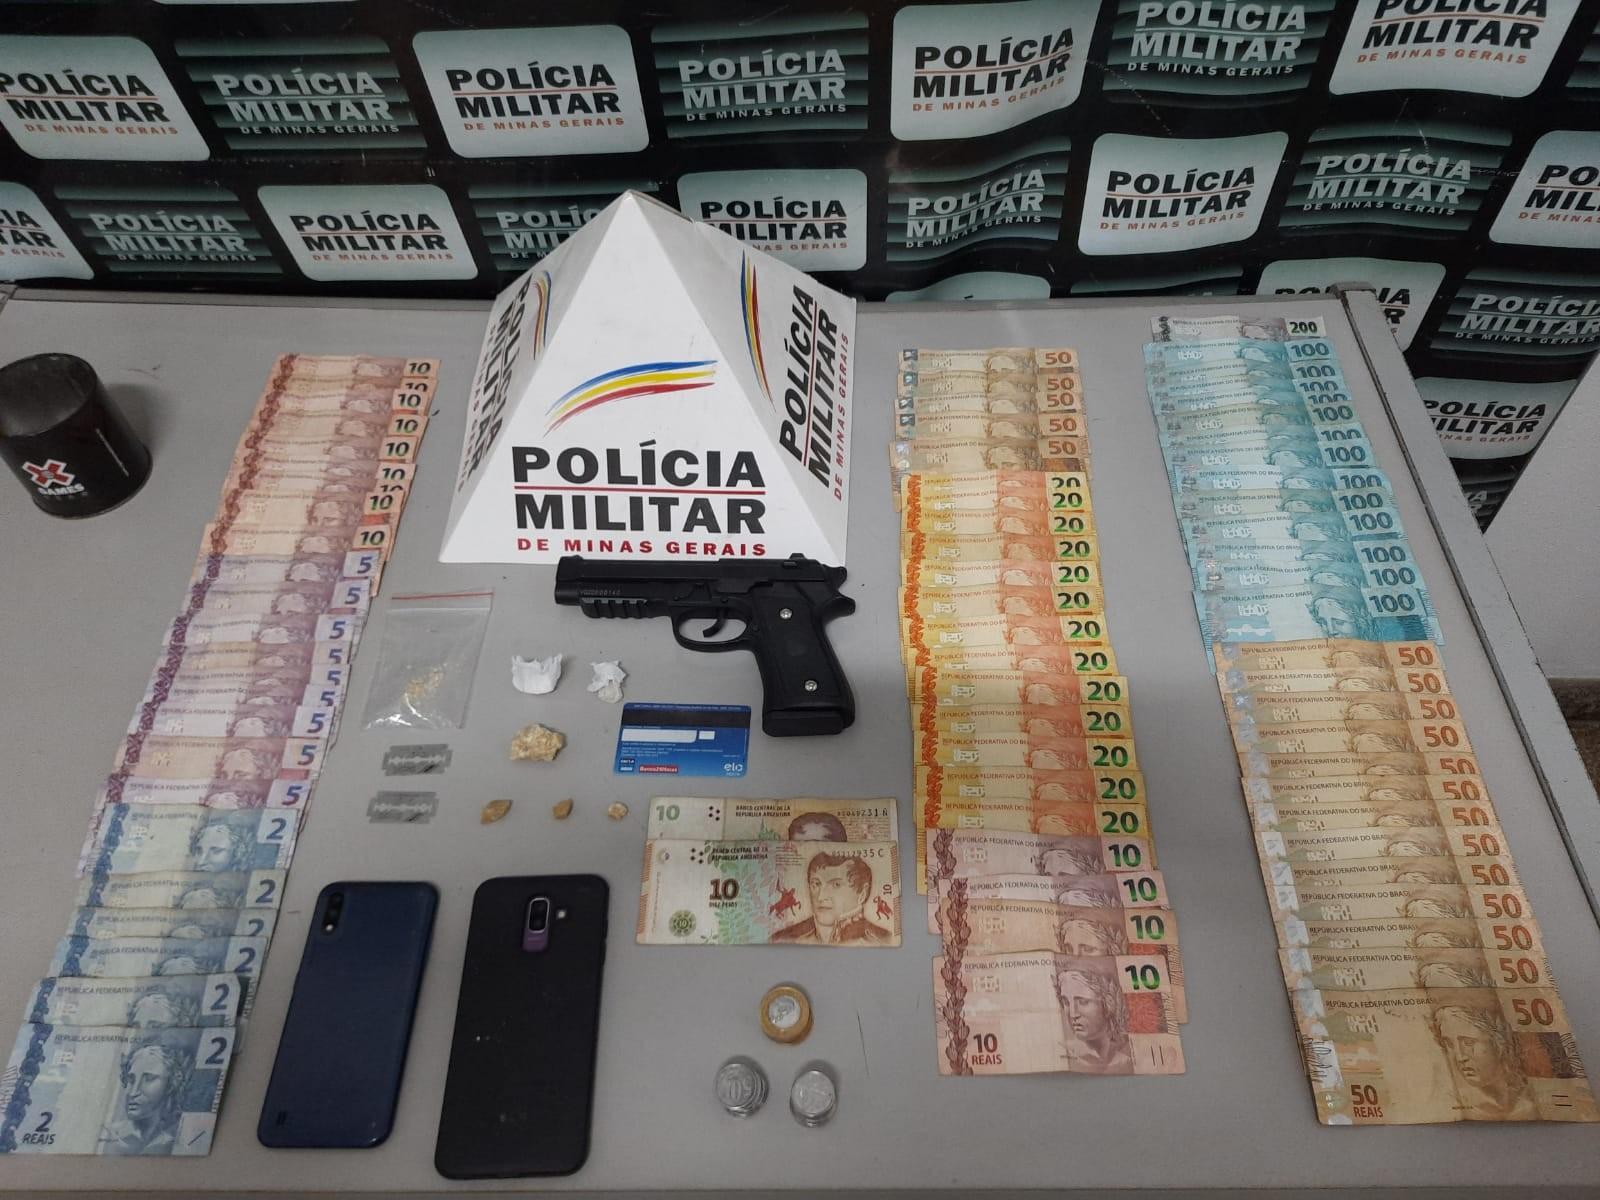 Grupo é preso com drogas, arma e dinheiro em Pará de Minas